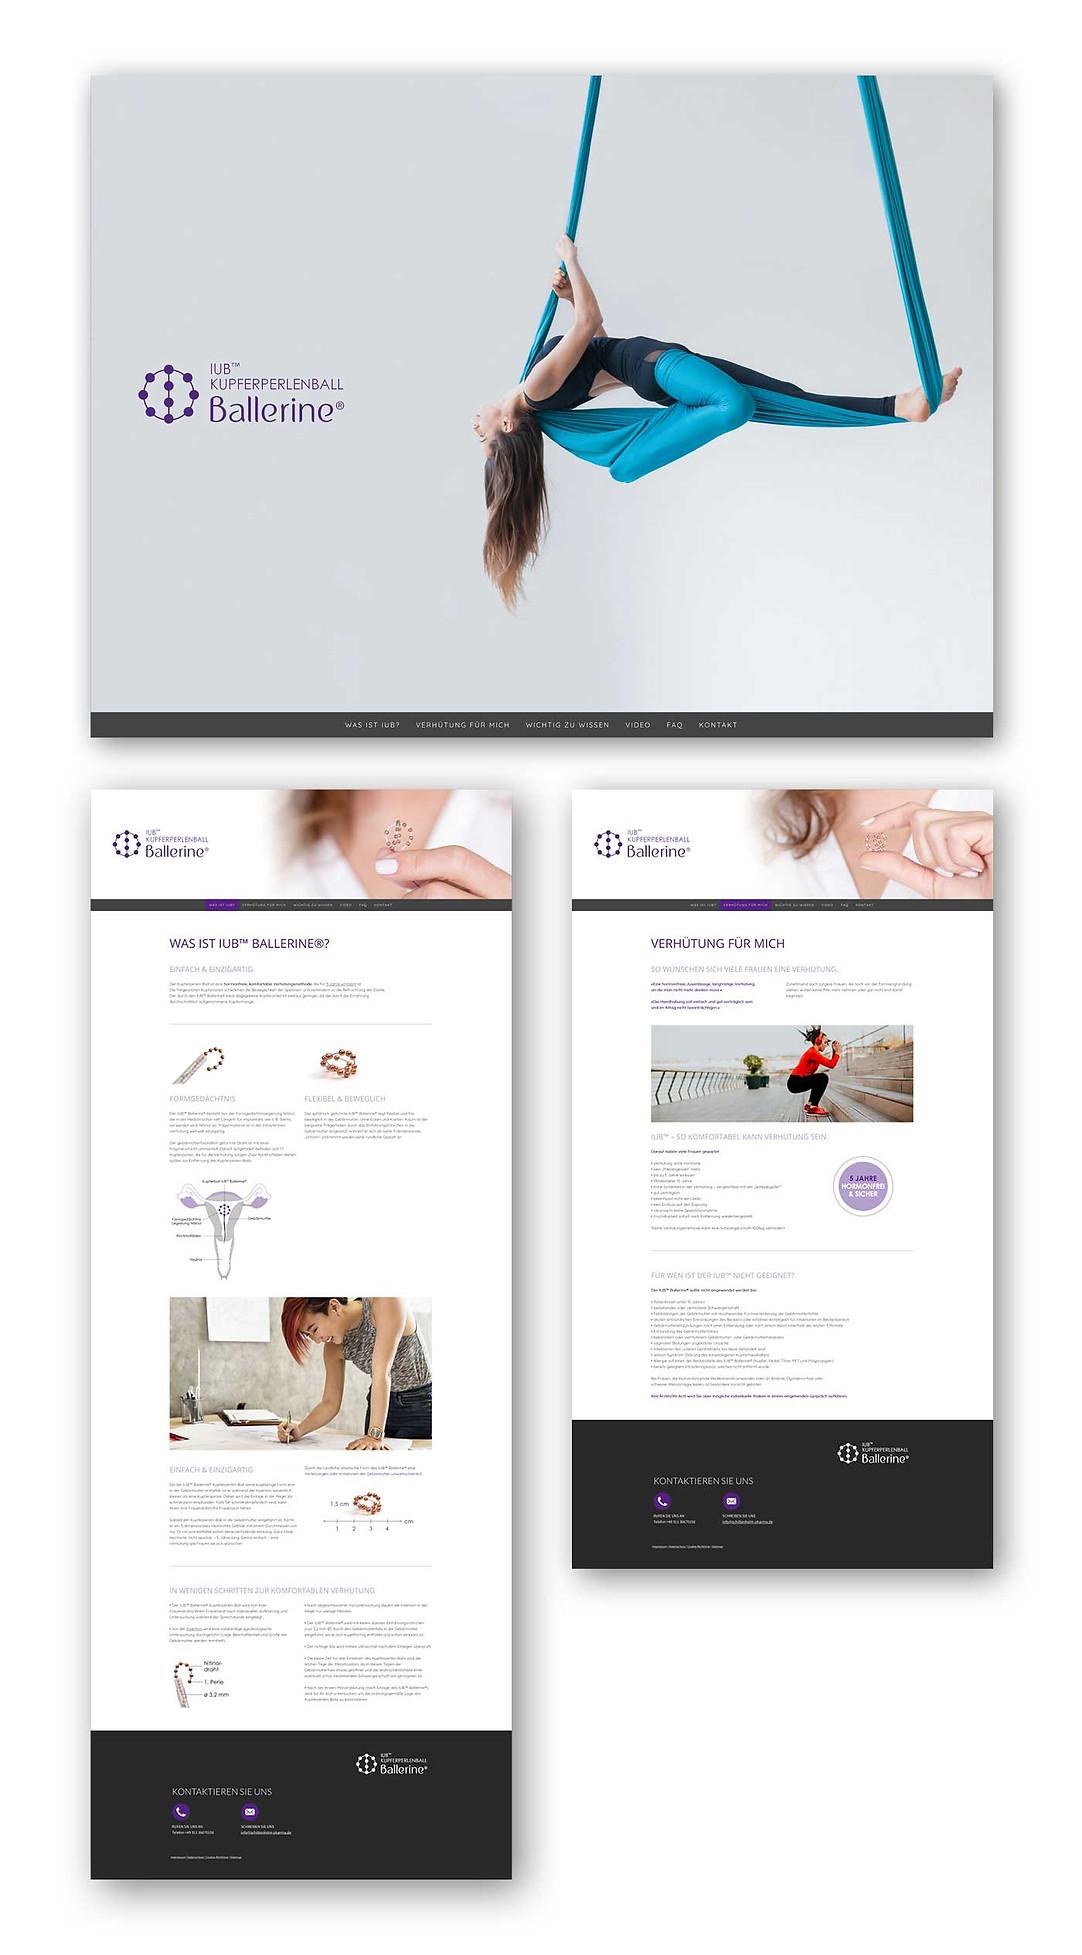 Webseiten IUB Ballerine | Kupferperlenball | Homepage und zwei Seiten der Hauptnavigation